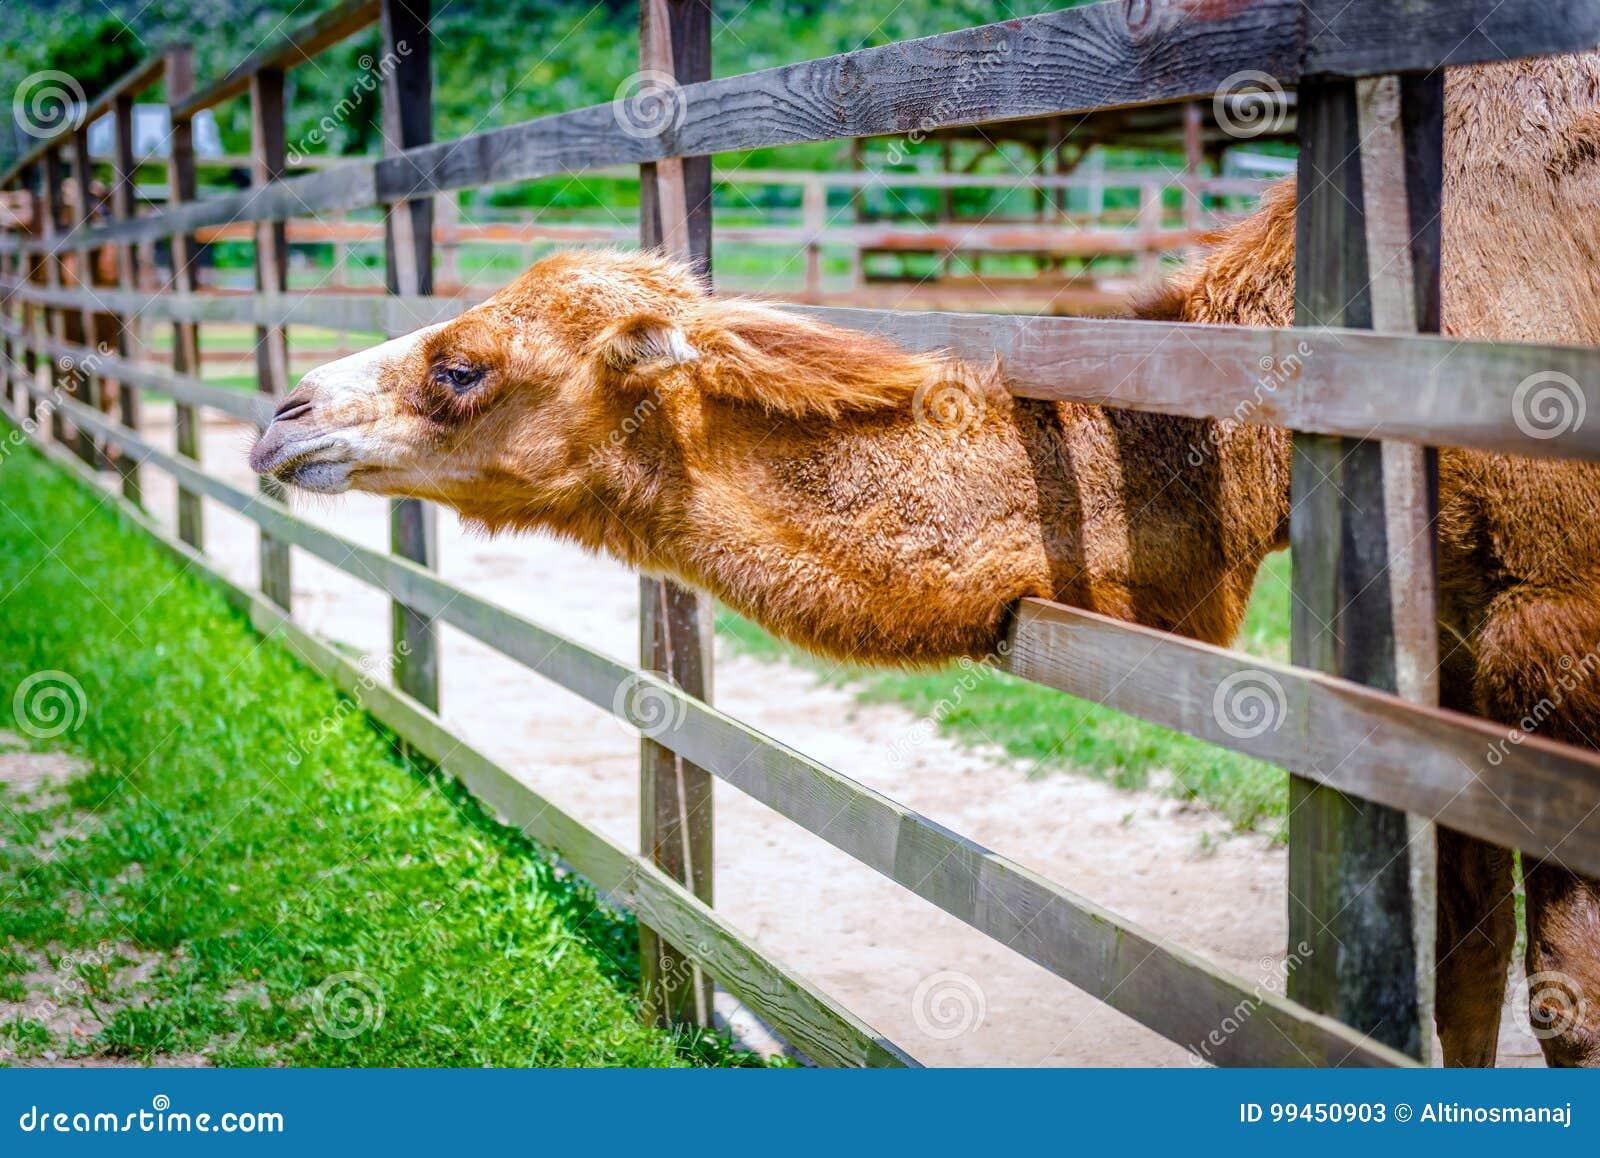 Καμήλα δύο εξογκωμάτων στη μάνδρα του που εξημερωμένος καφετής χνουδωτός αιχμάλωτων ζώων αγροτικών ζωολογικών κήπων υπαίθρια